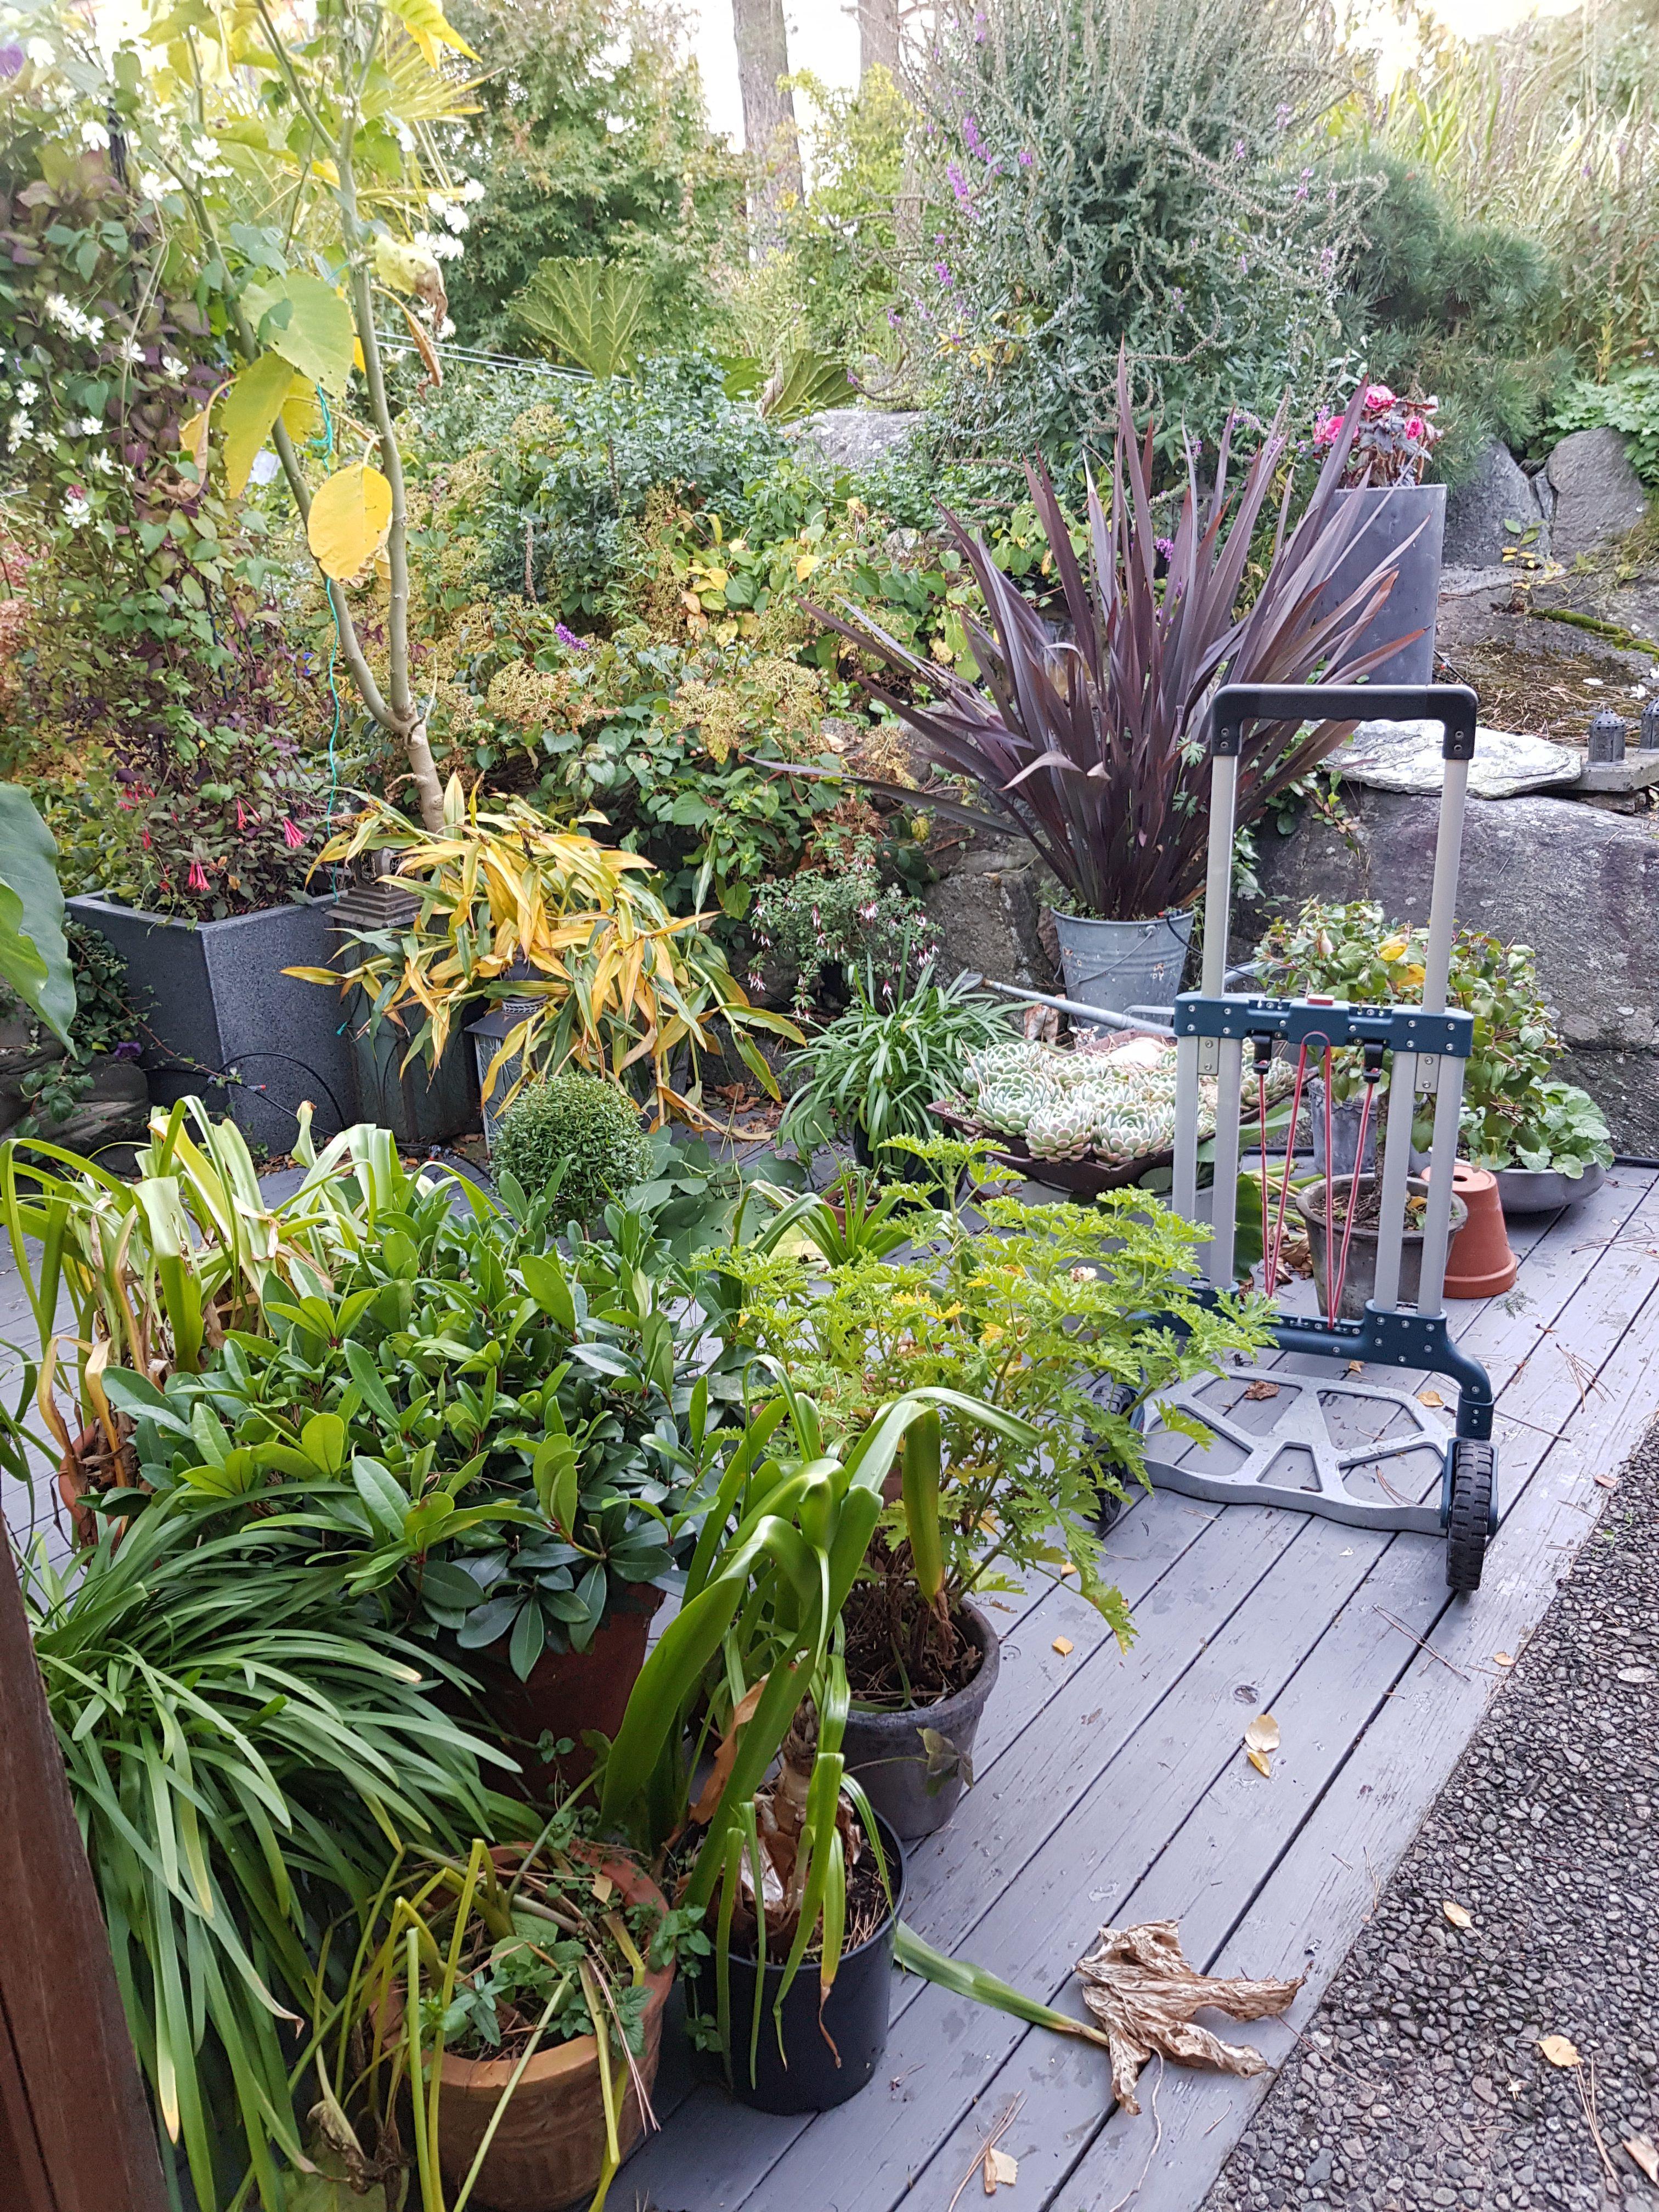 Sekketralle er kanskje mitt viktigste hjelpemiddel i hagen.